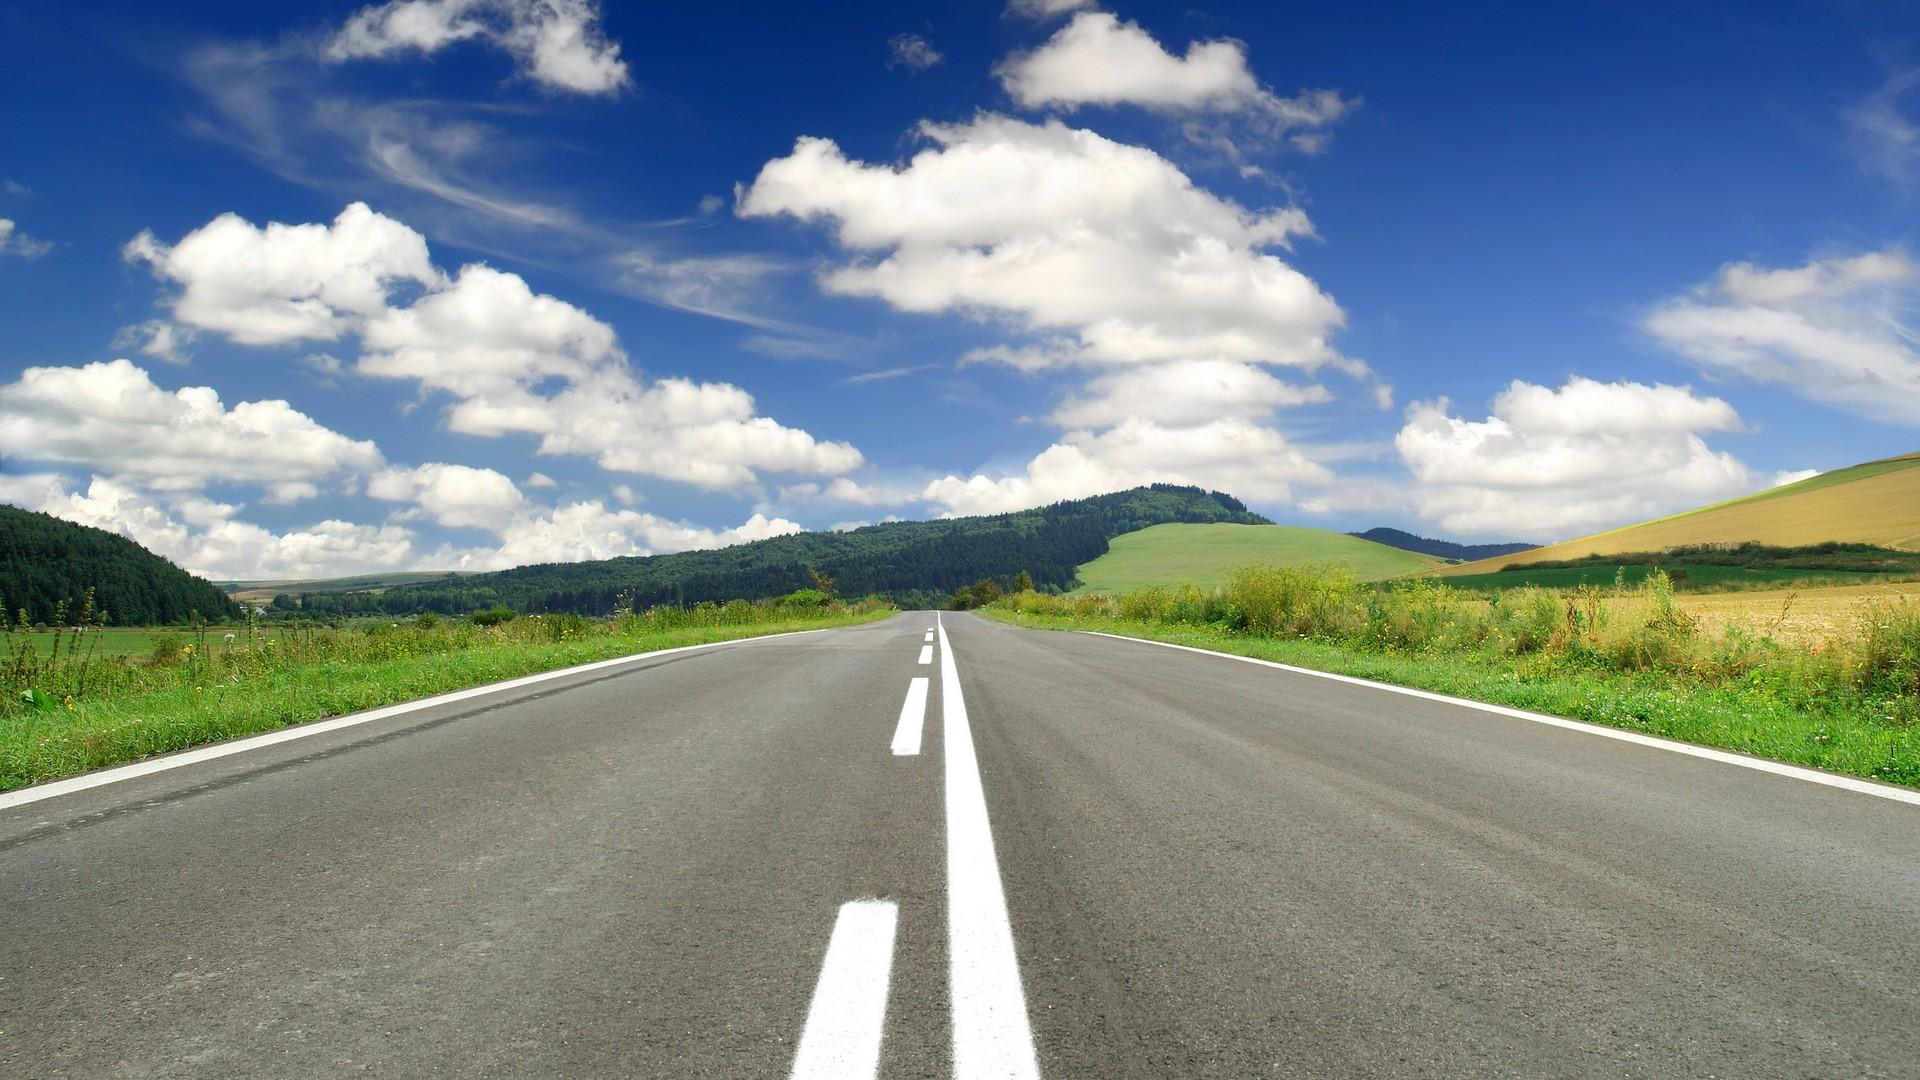 Ардонскому и Ирафскому районам выделят дополнительные средства на ремонт дорог